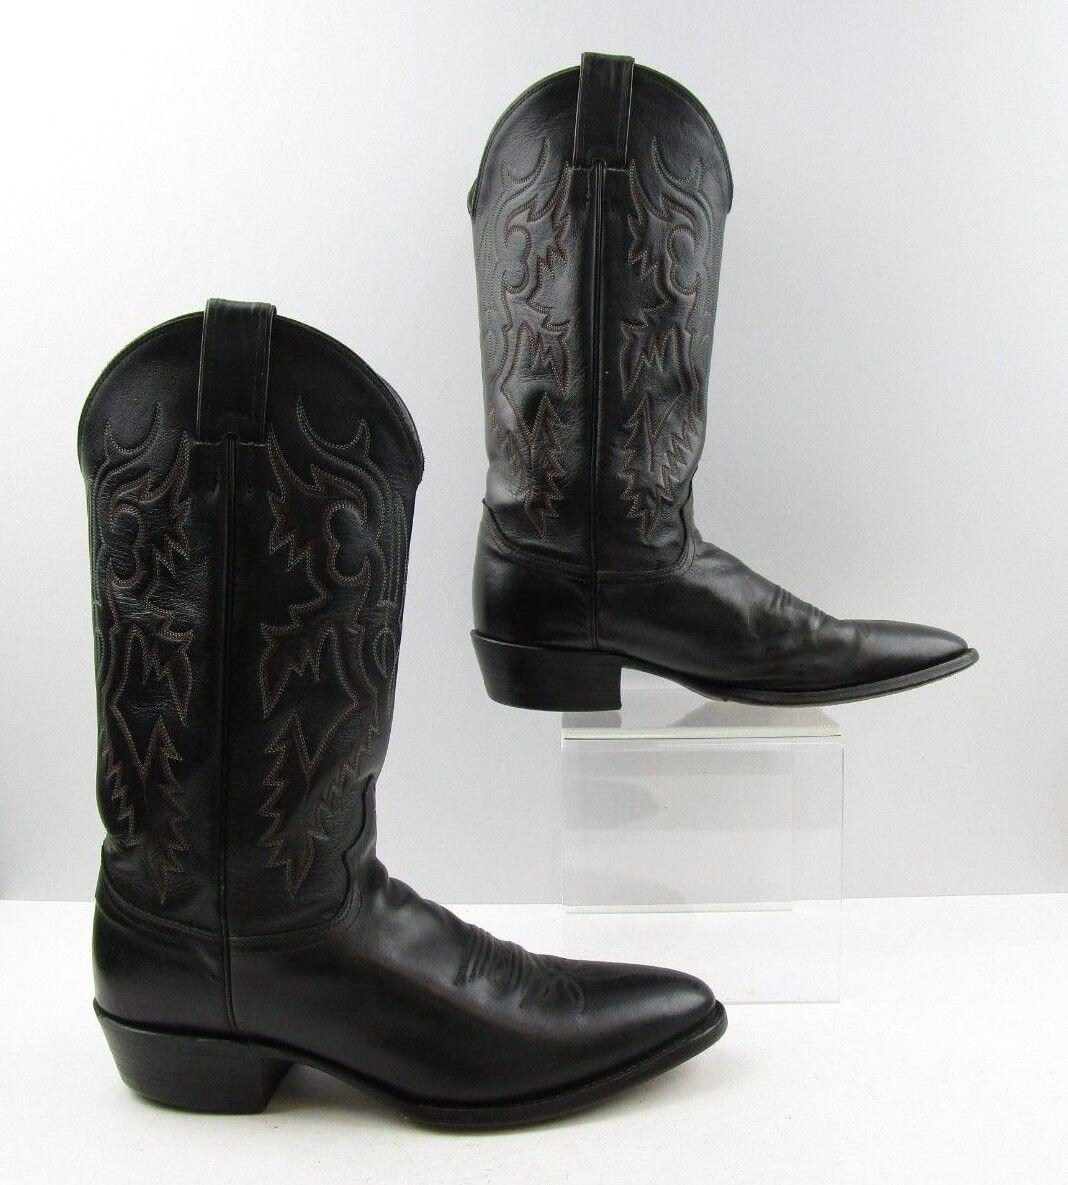 Para hombres cuero negro botas de vaquero occidental occidental vaquero Justin Tamaño: 10 B  estrecho ancho 676219